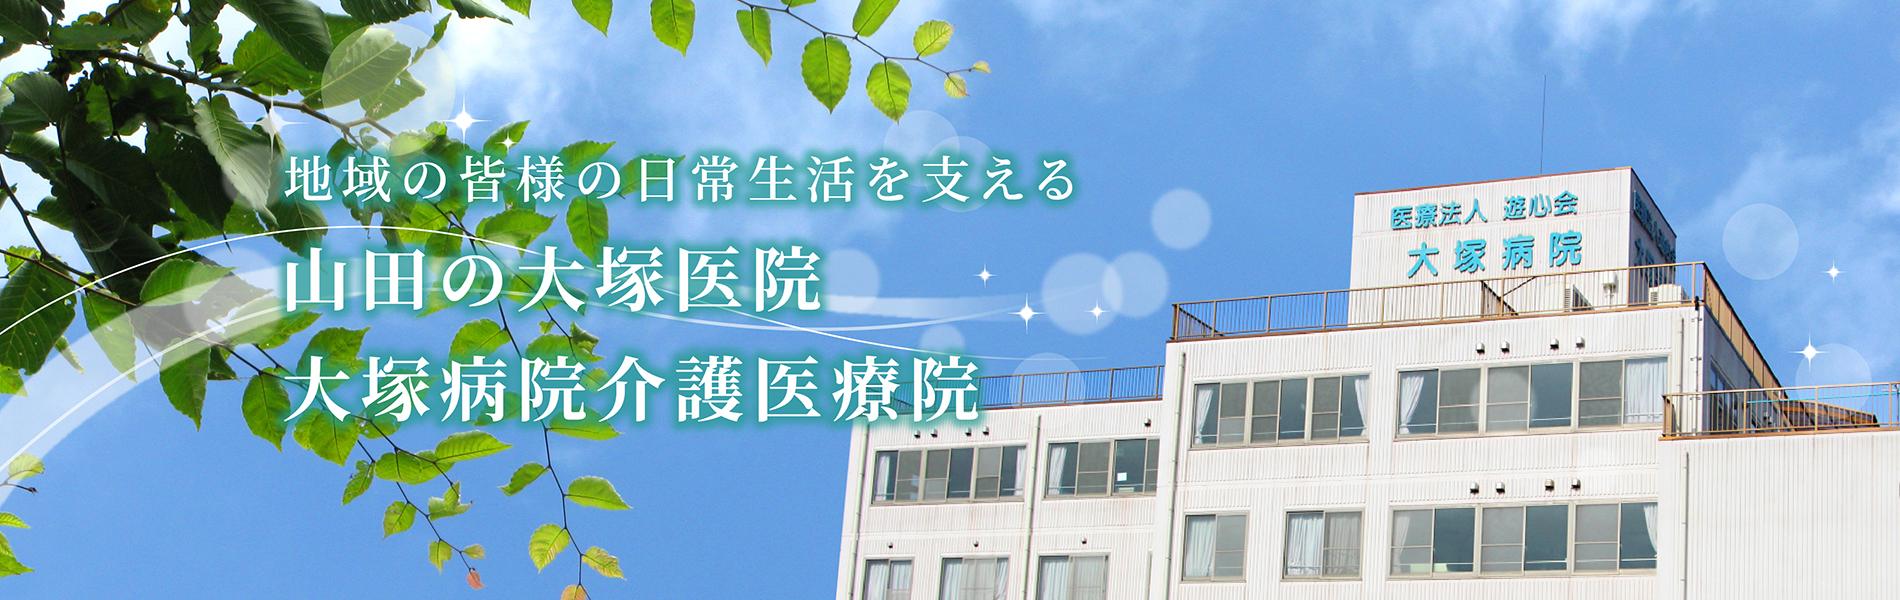 地域の皆様の日常生活を支える 山田の大塚医院 大塚病院介護医療院